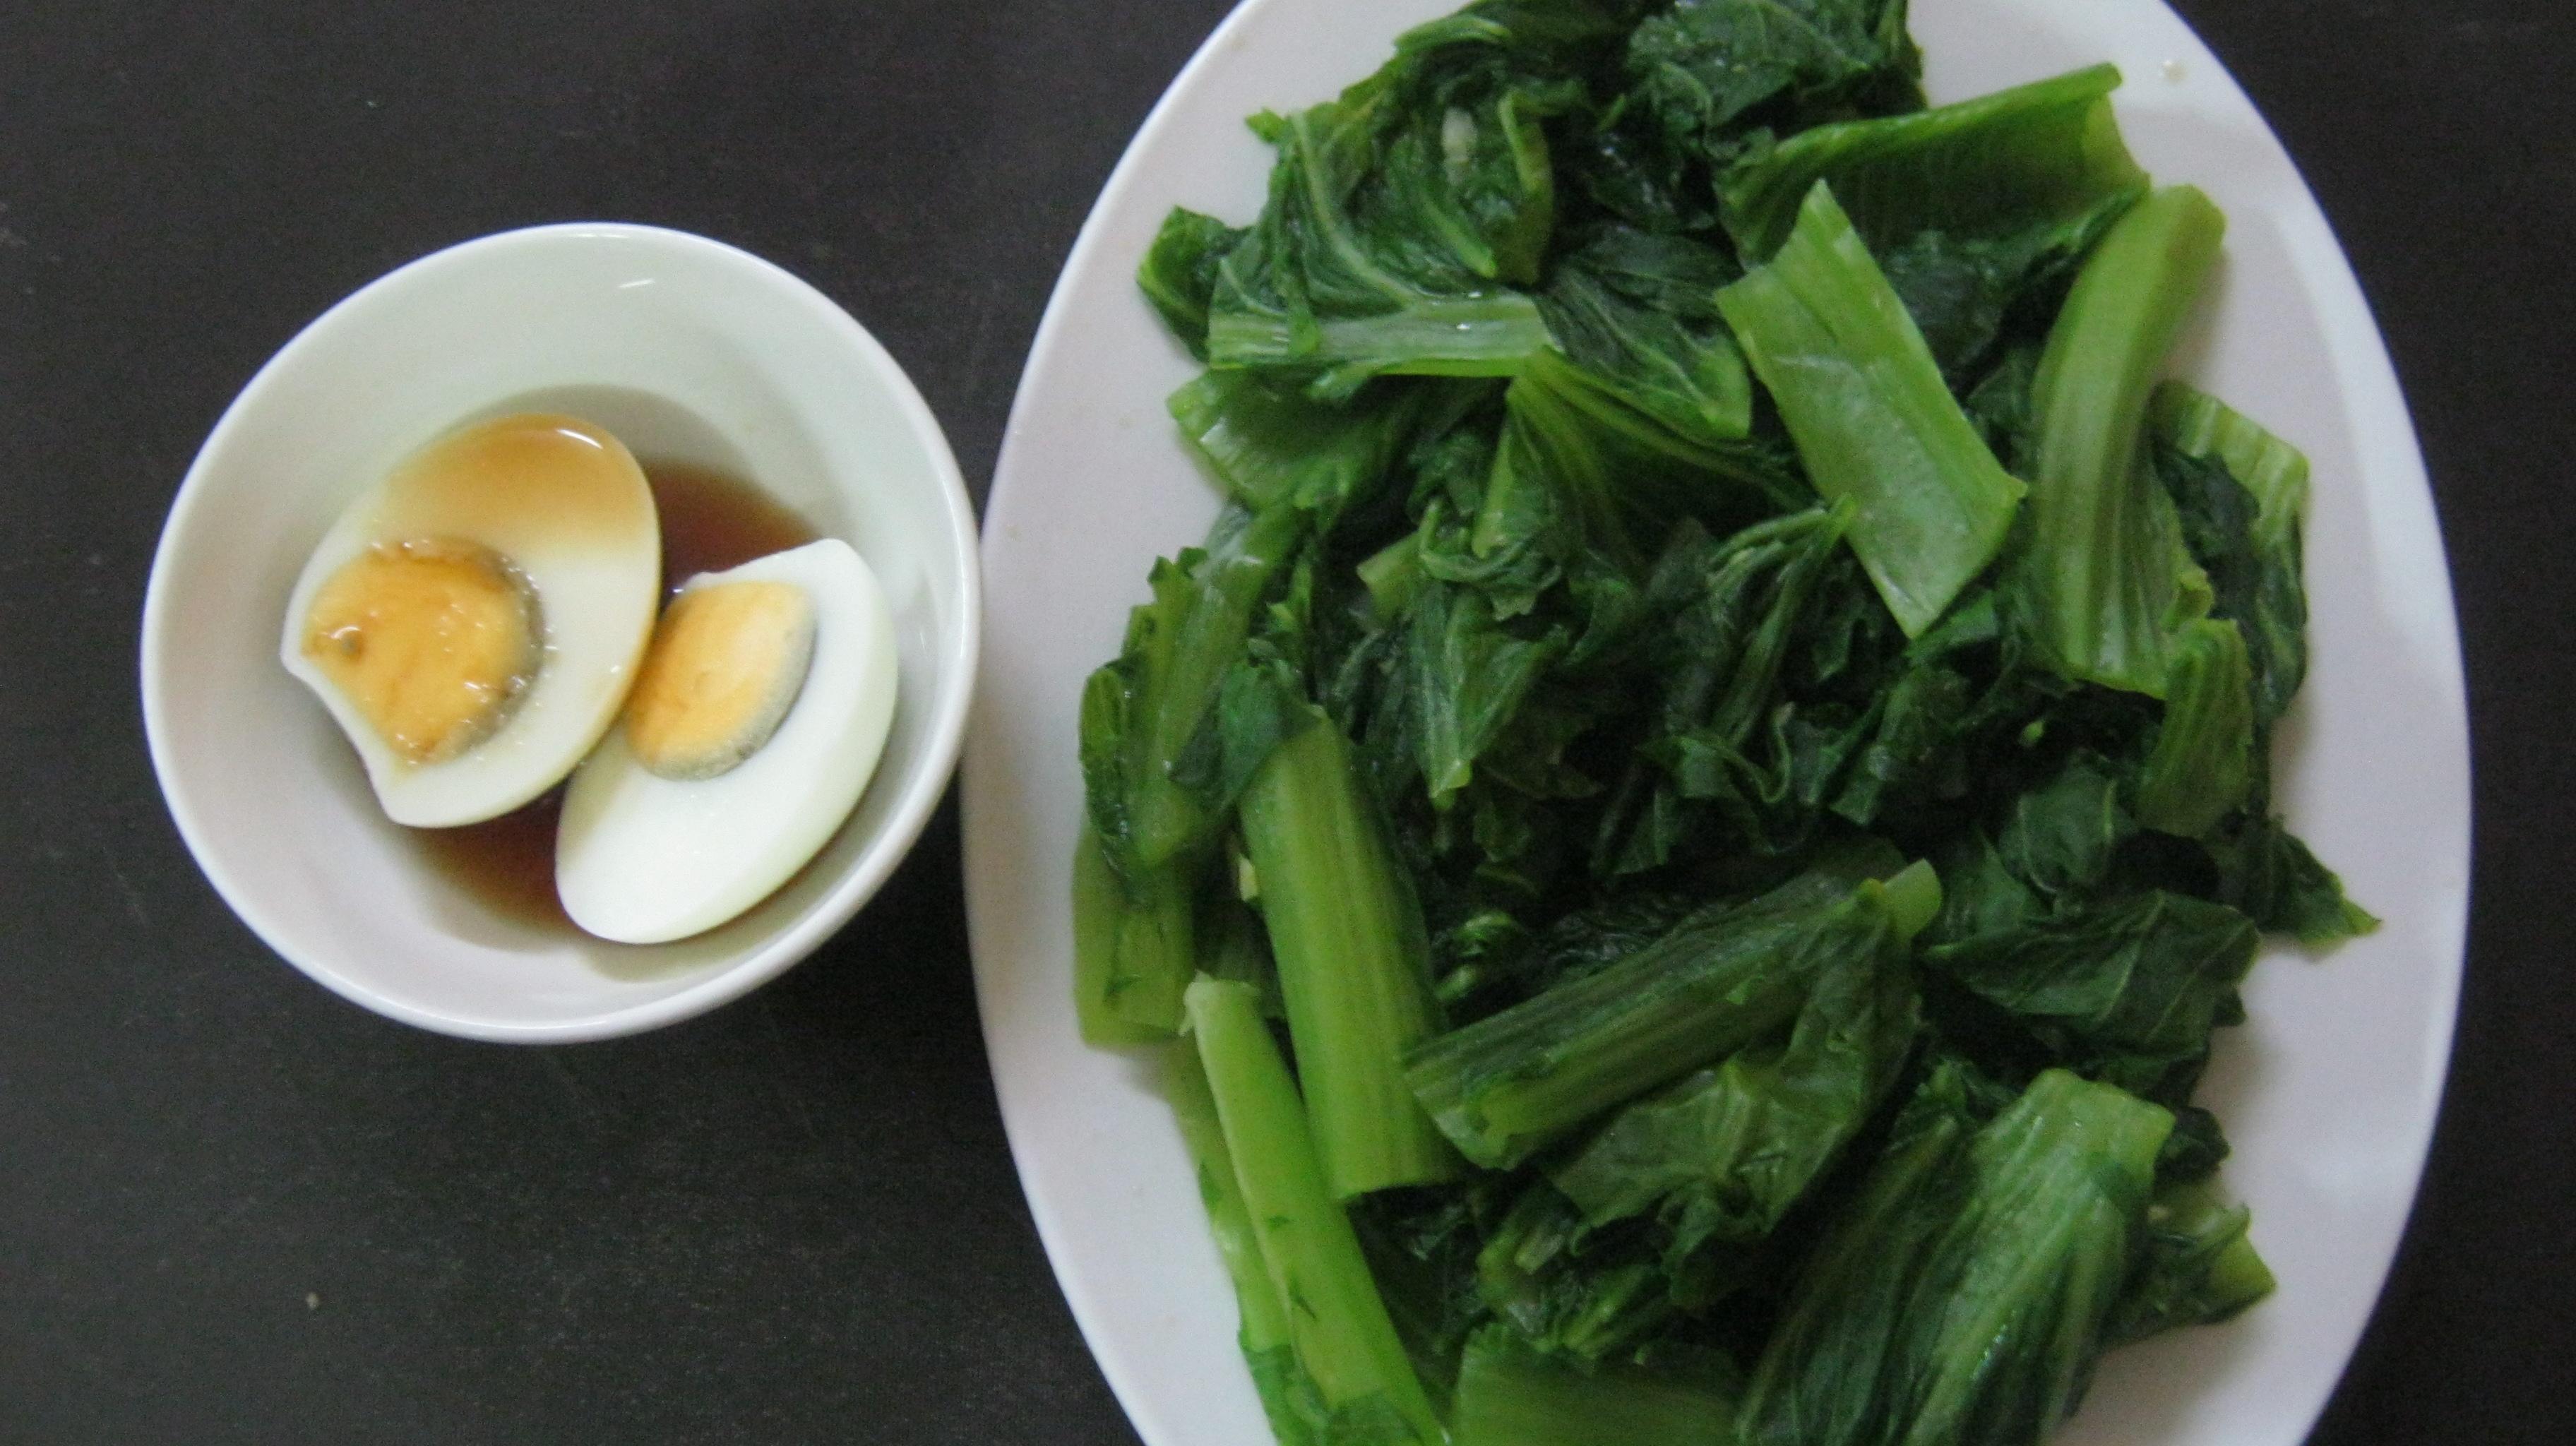 Cải xanh luộc chấm trứng